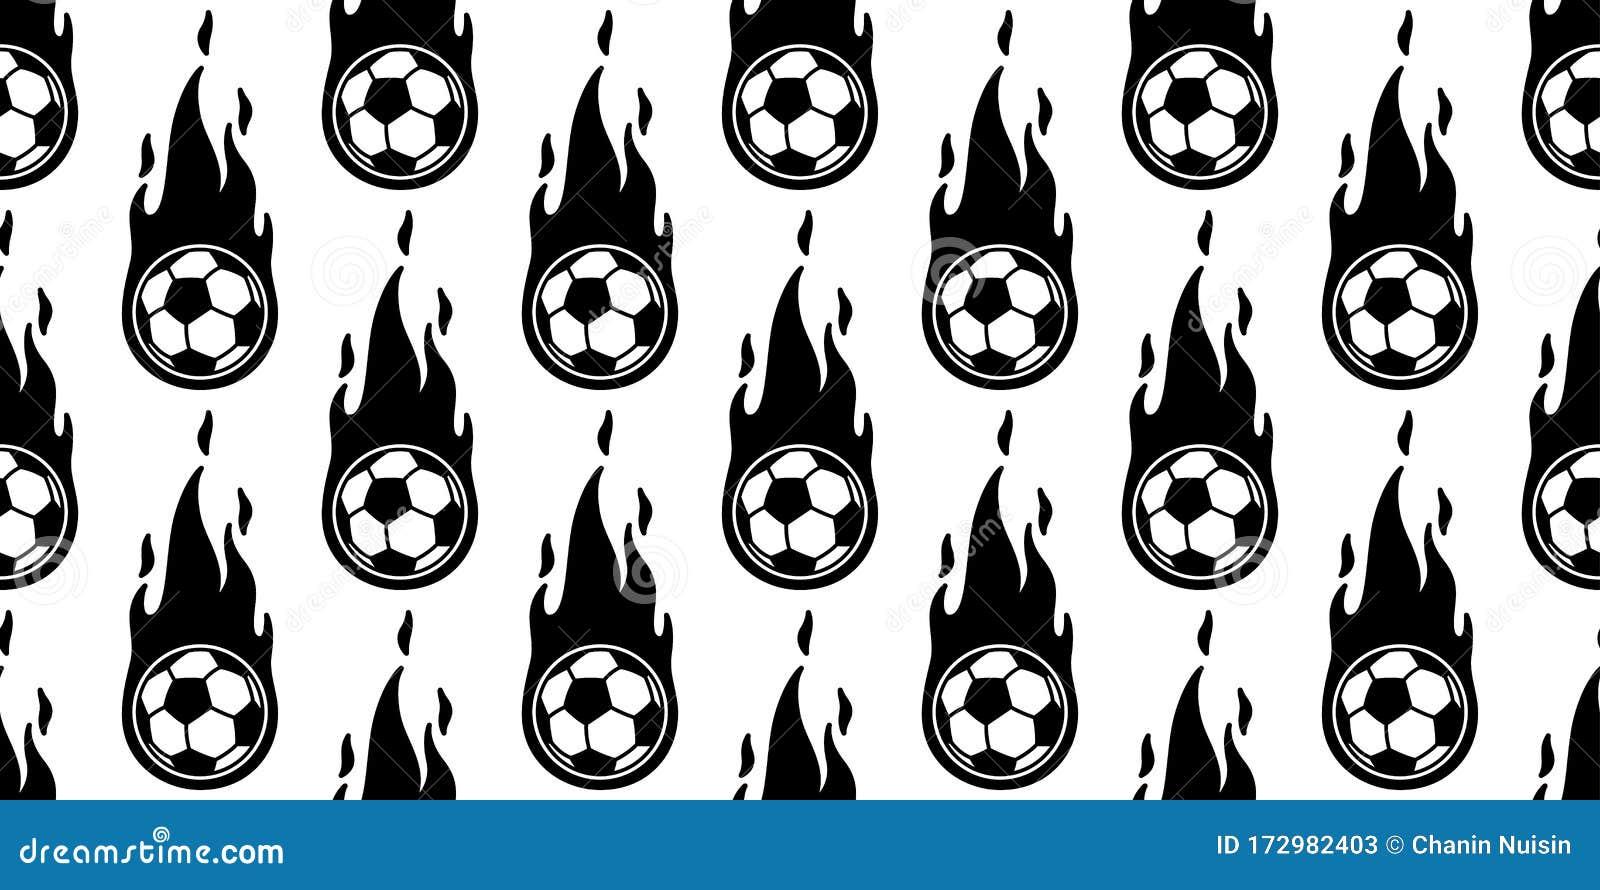 Pattern For Sport Wallpaper: Ball Football Soccer Fire Seamless Pattern Vector Sport